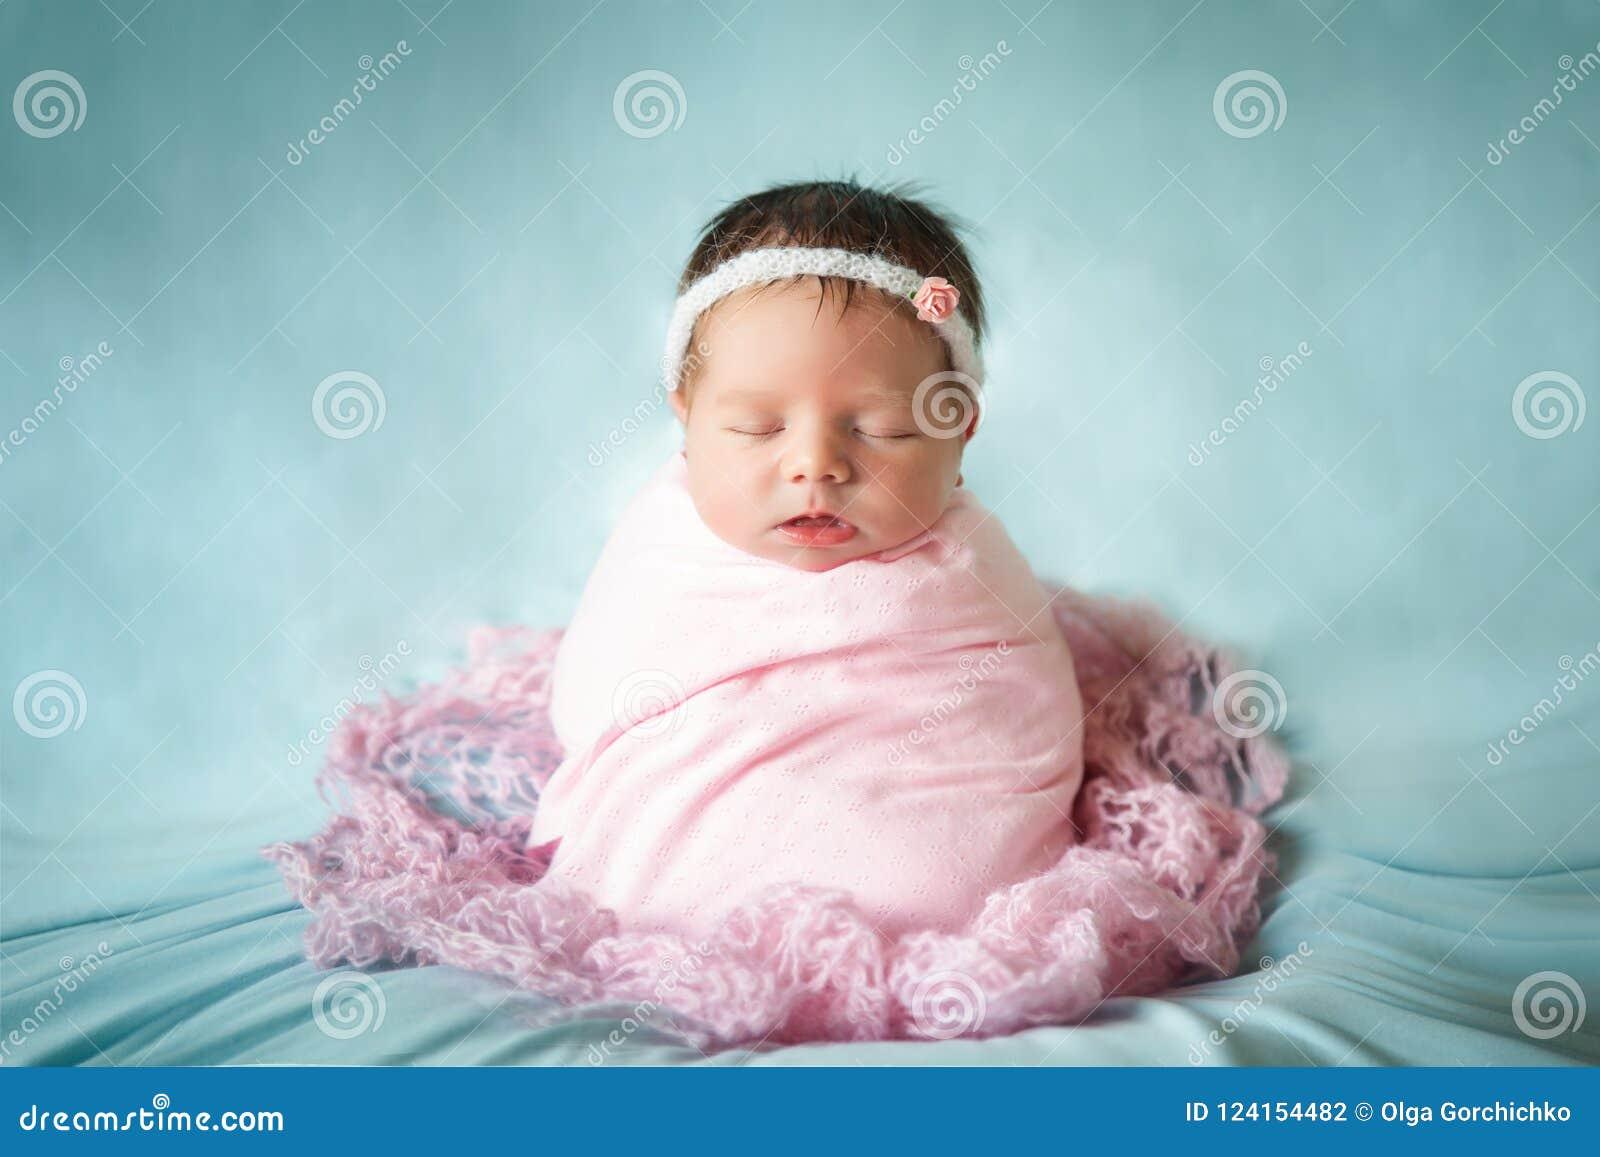 Nowonarodzona dziewczynka pokojowo śpi w kartoflanej workowej pozie